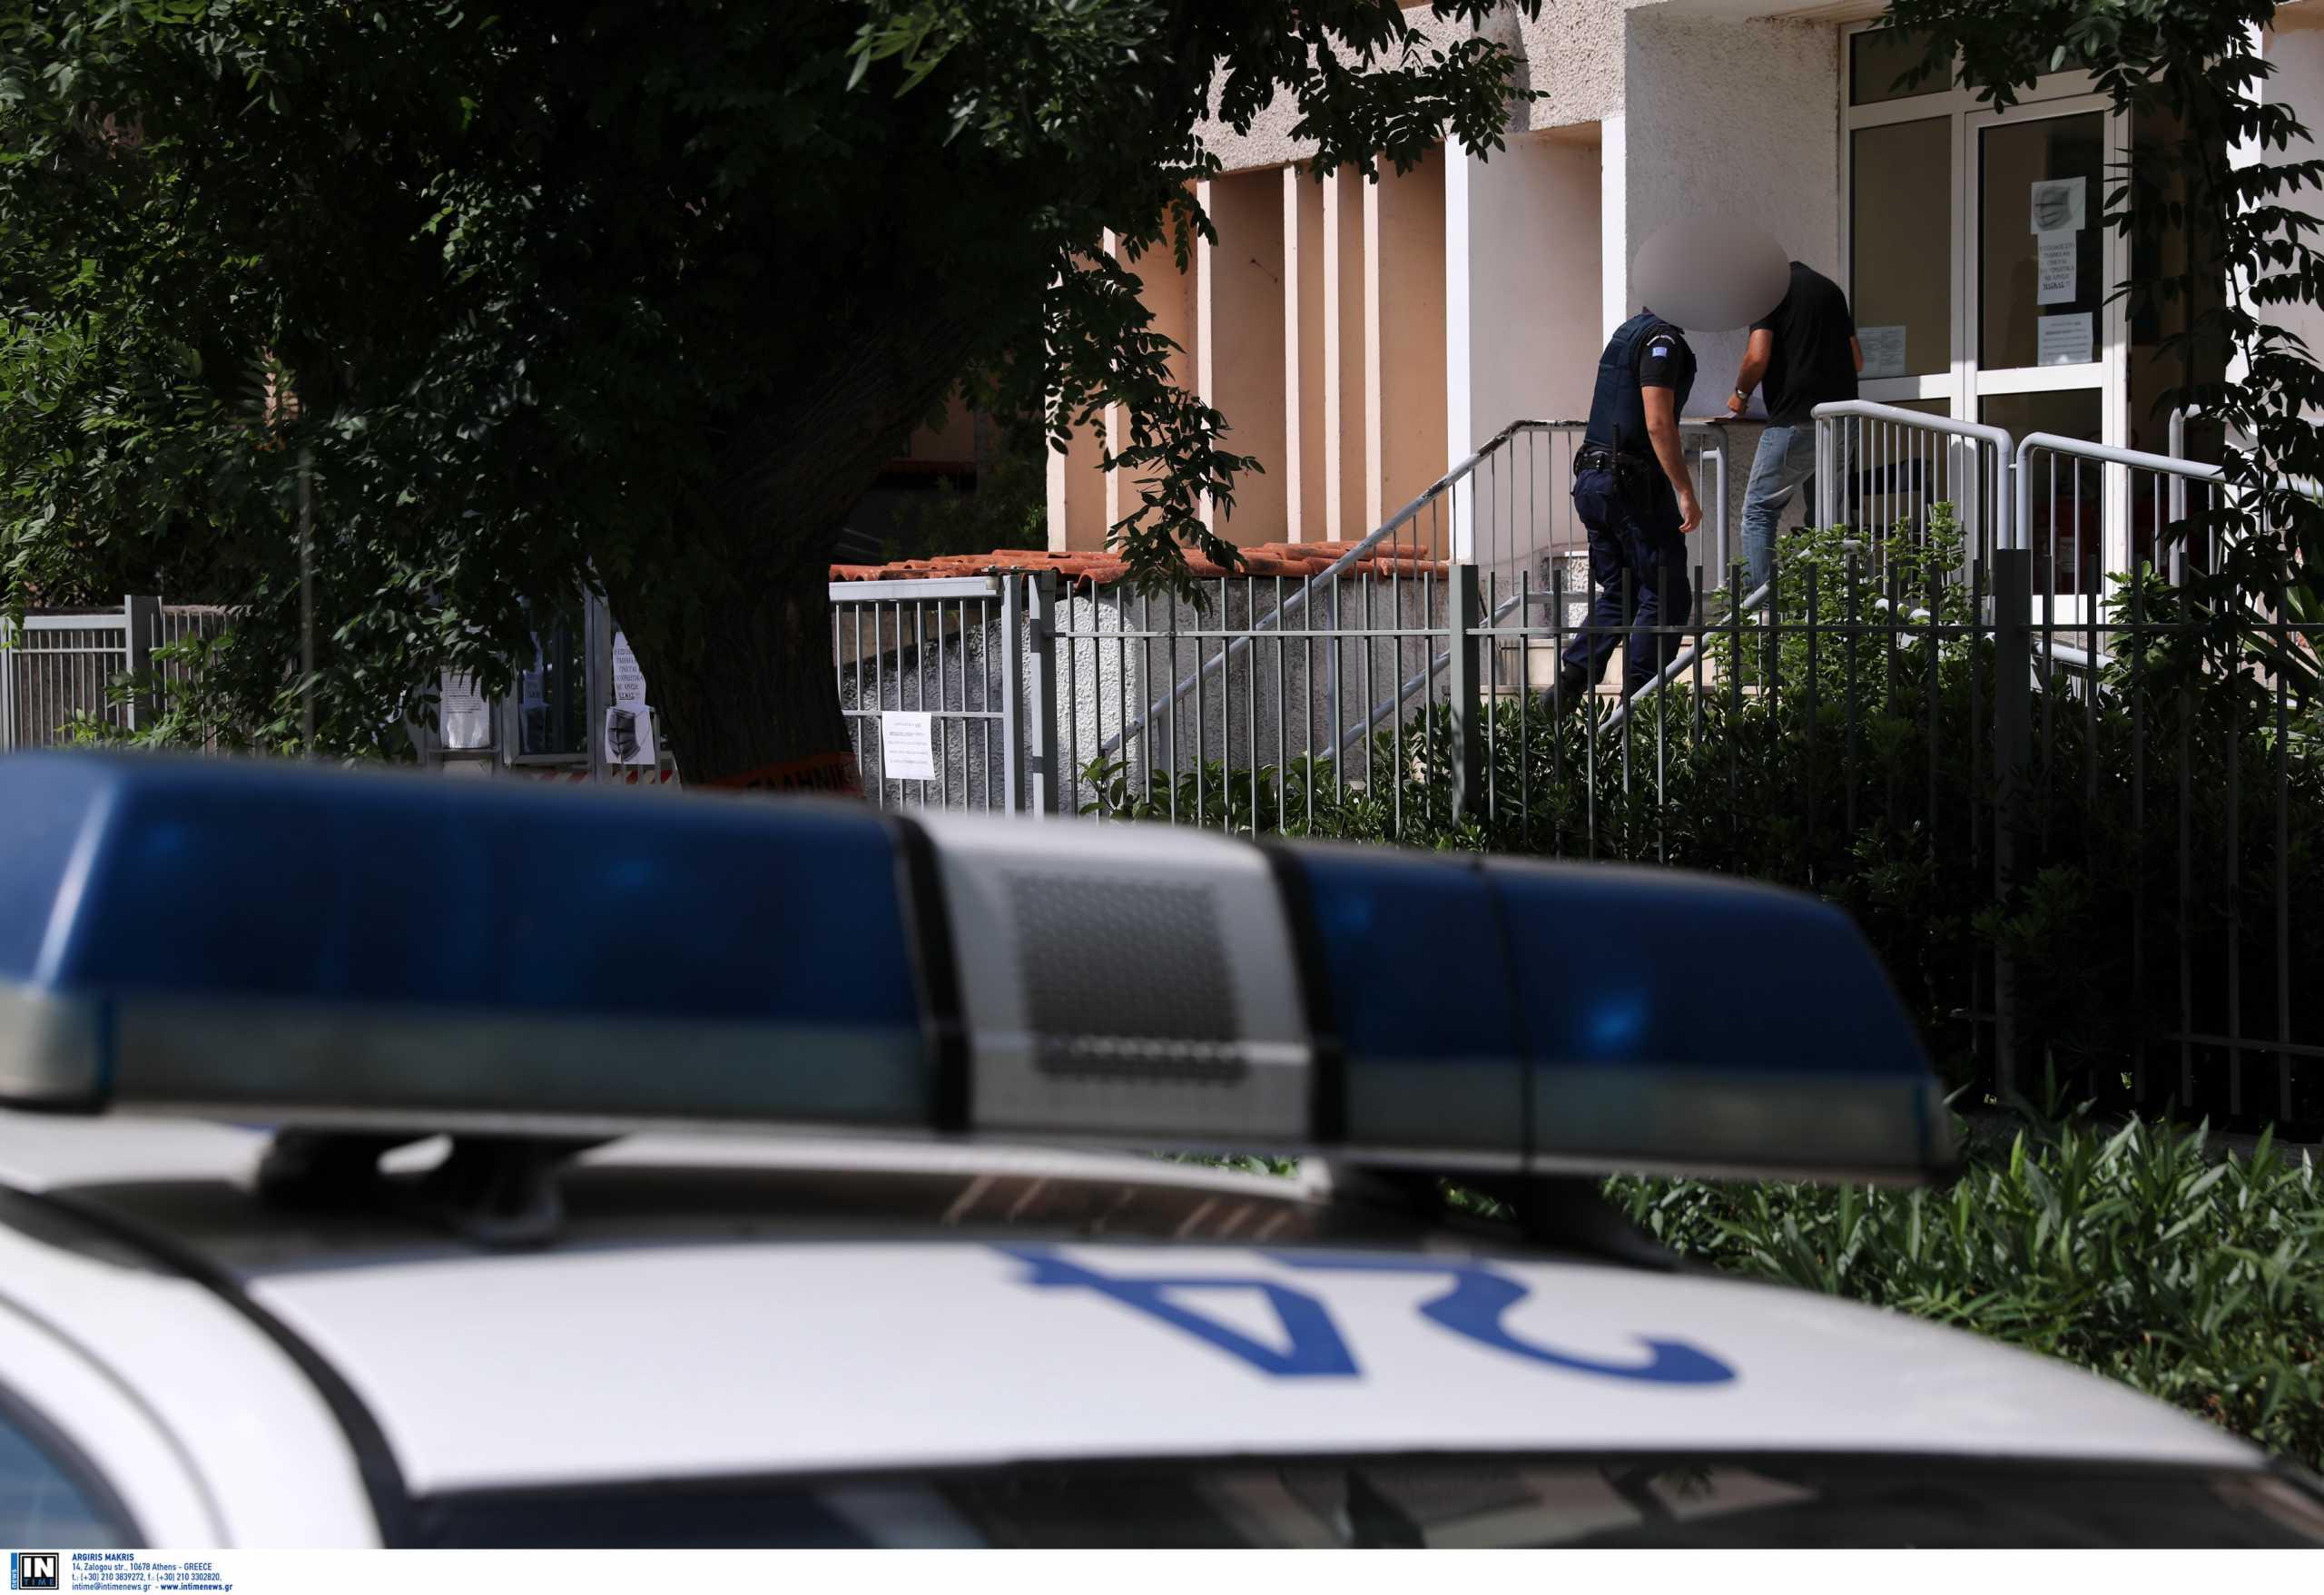 Ψυχικό: Το «κομπόδεμα» του αστυνομικού και τα κατασχεμένα όπλα